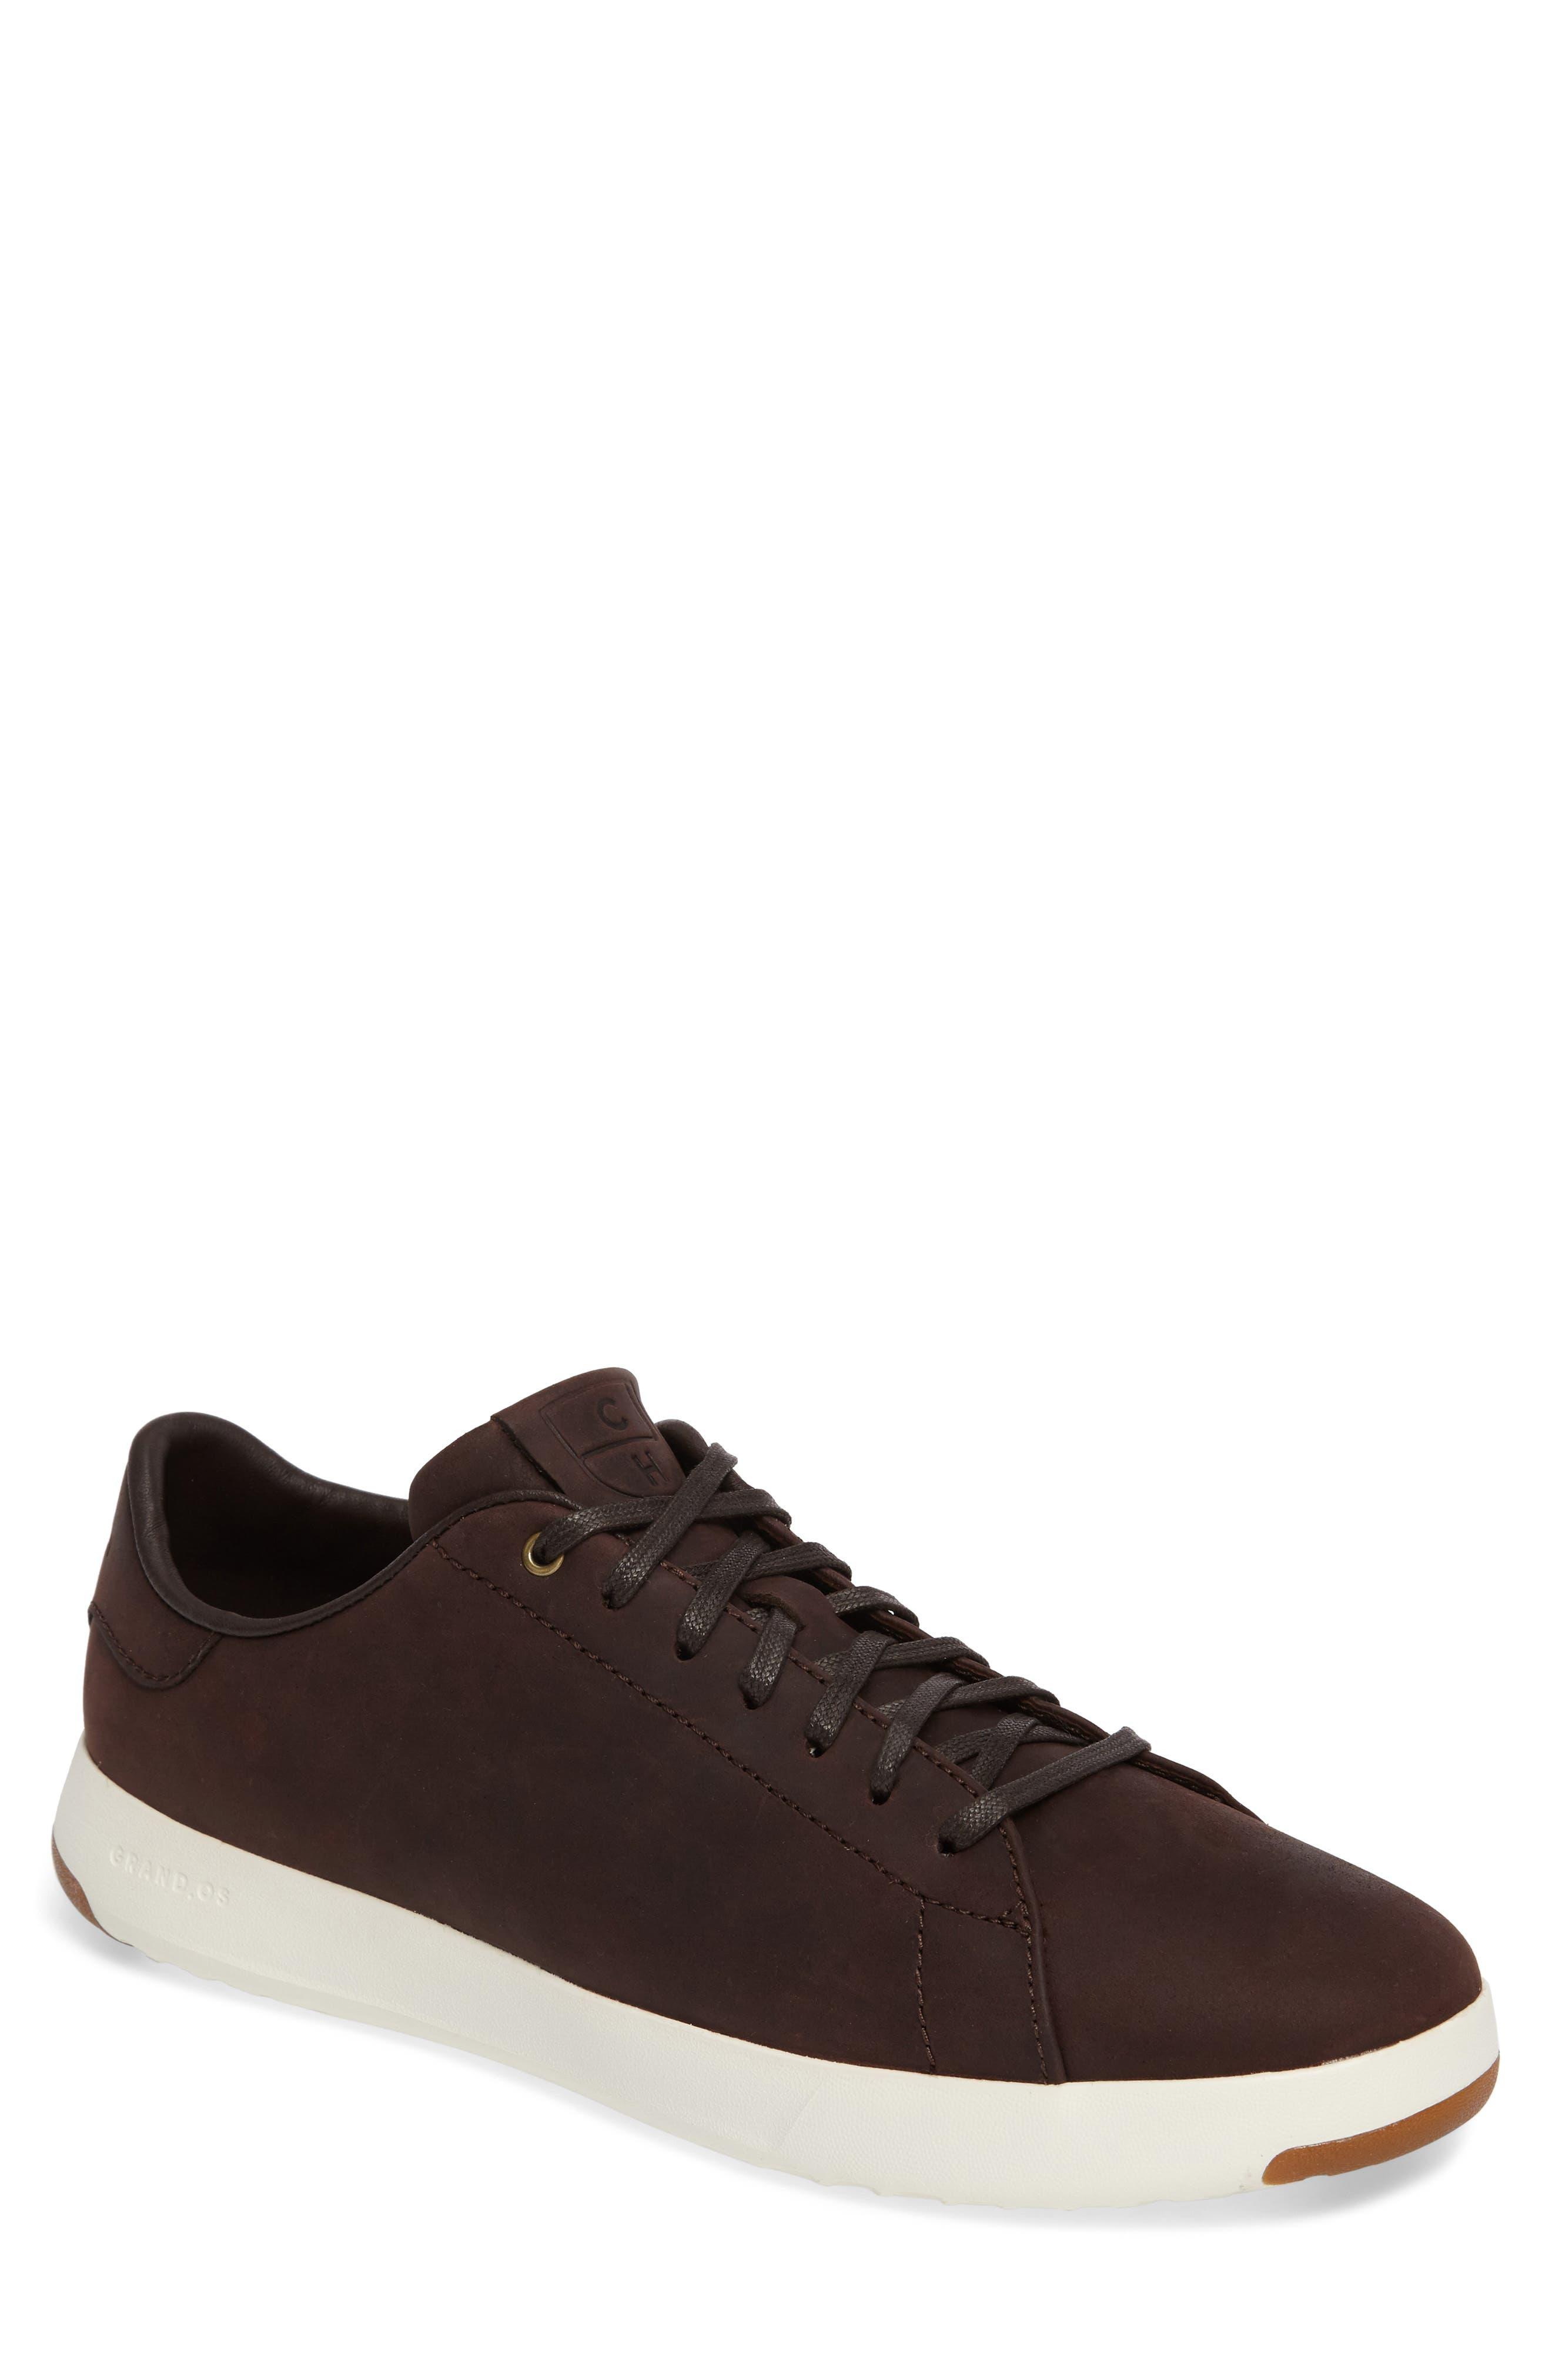 Cole Haan GrandPro Low Top Sneaker (Men